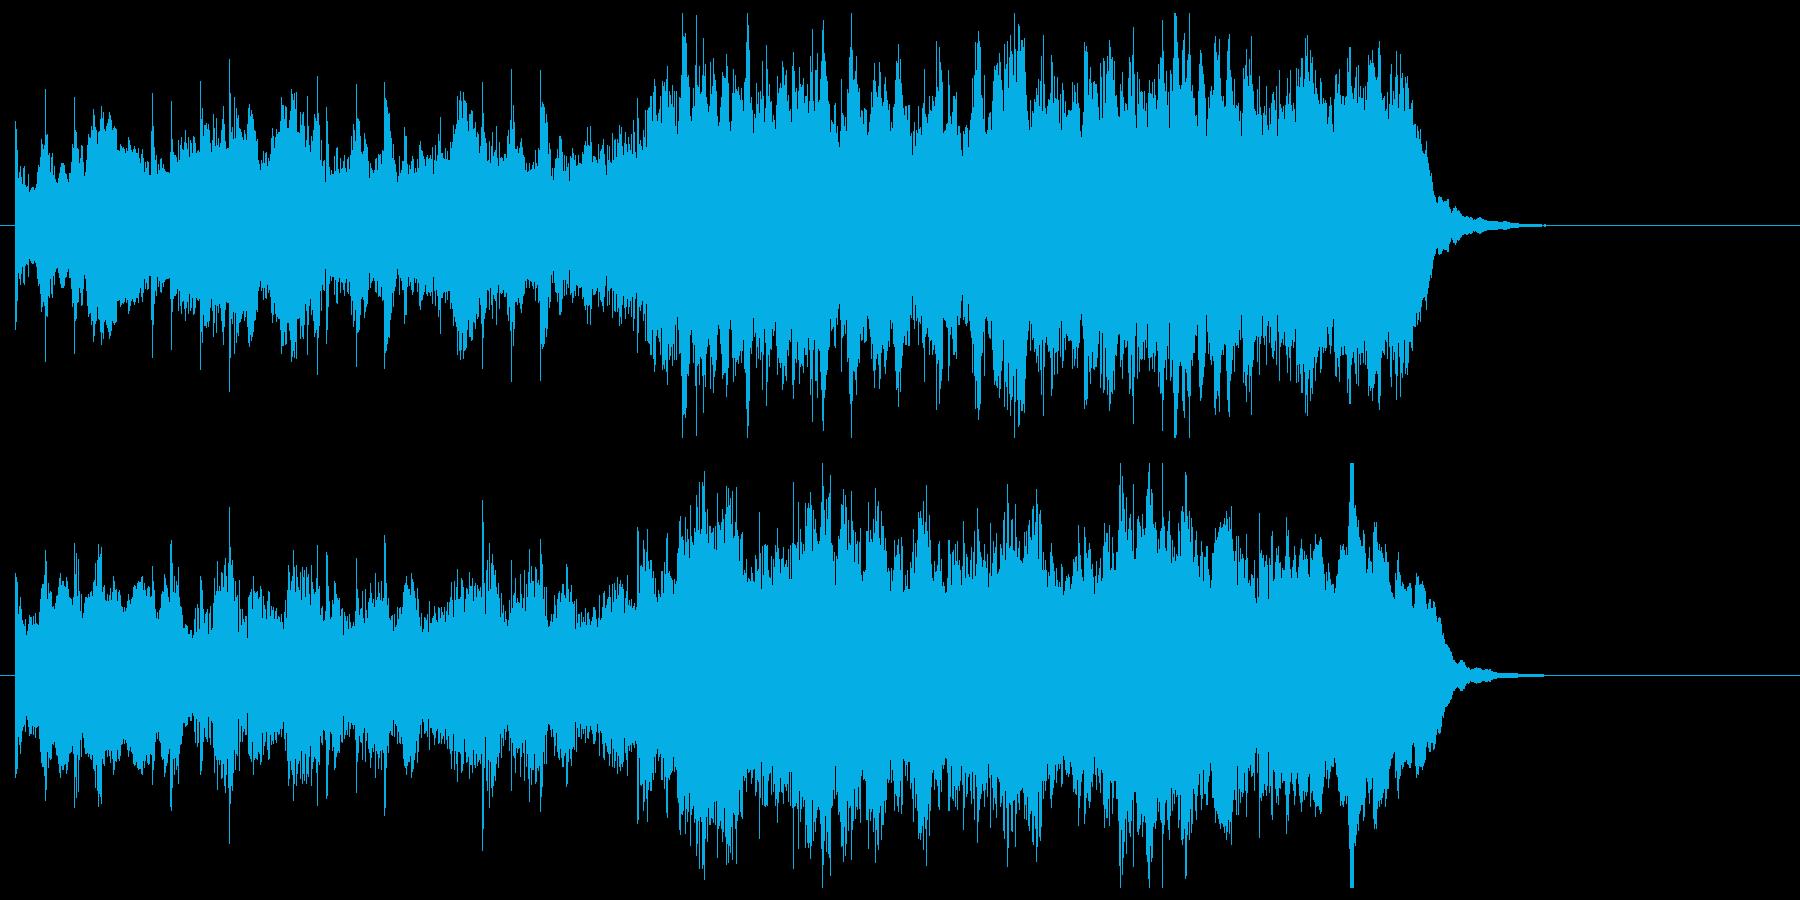 壮大でわくわくする感動のオーケストラの再生済みの波形